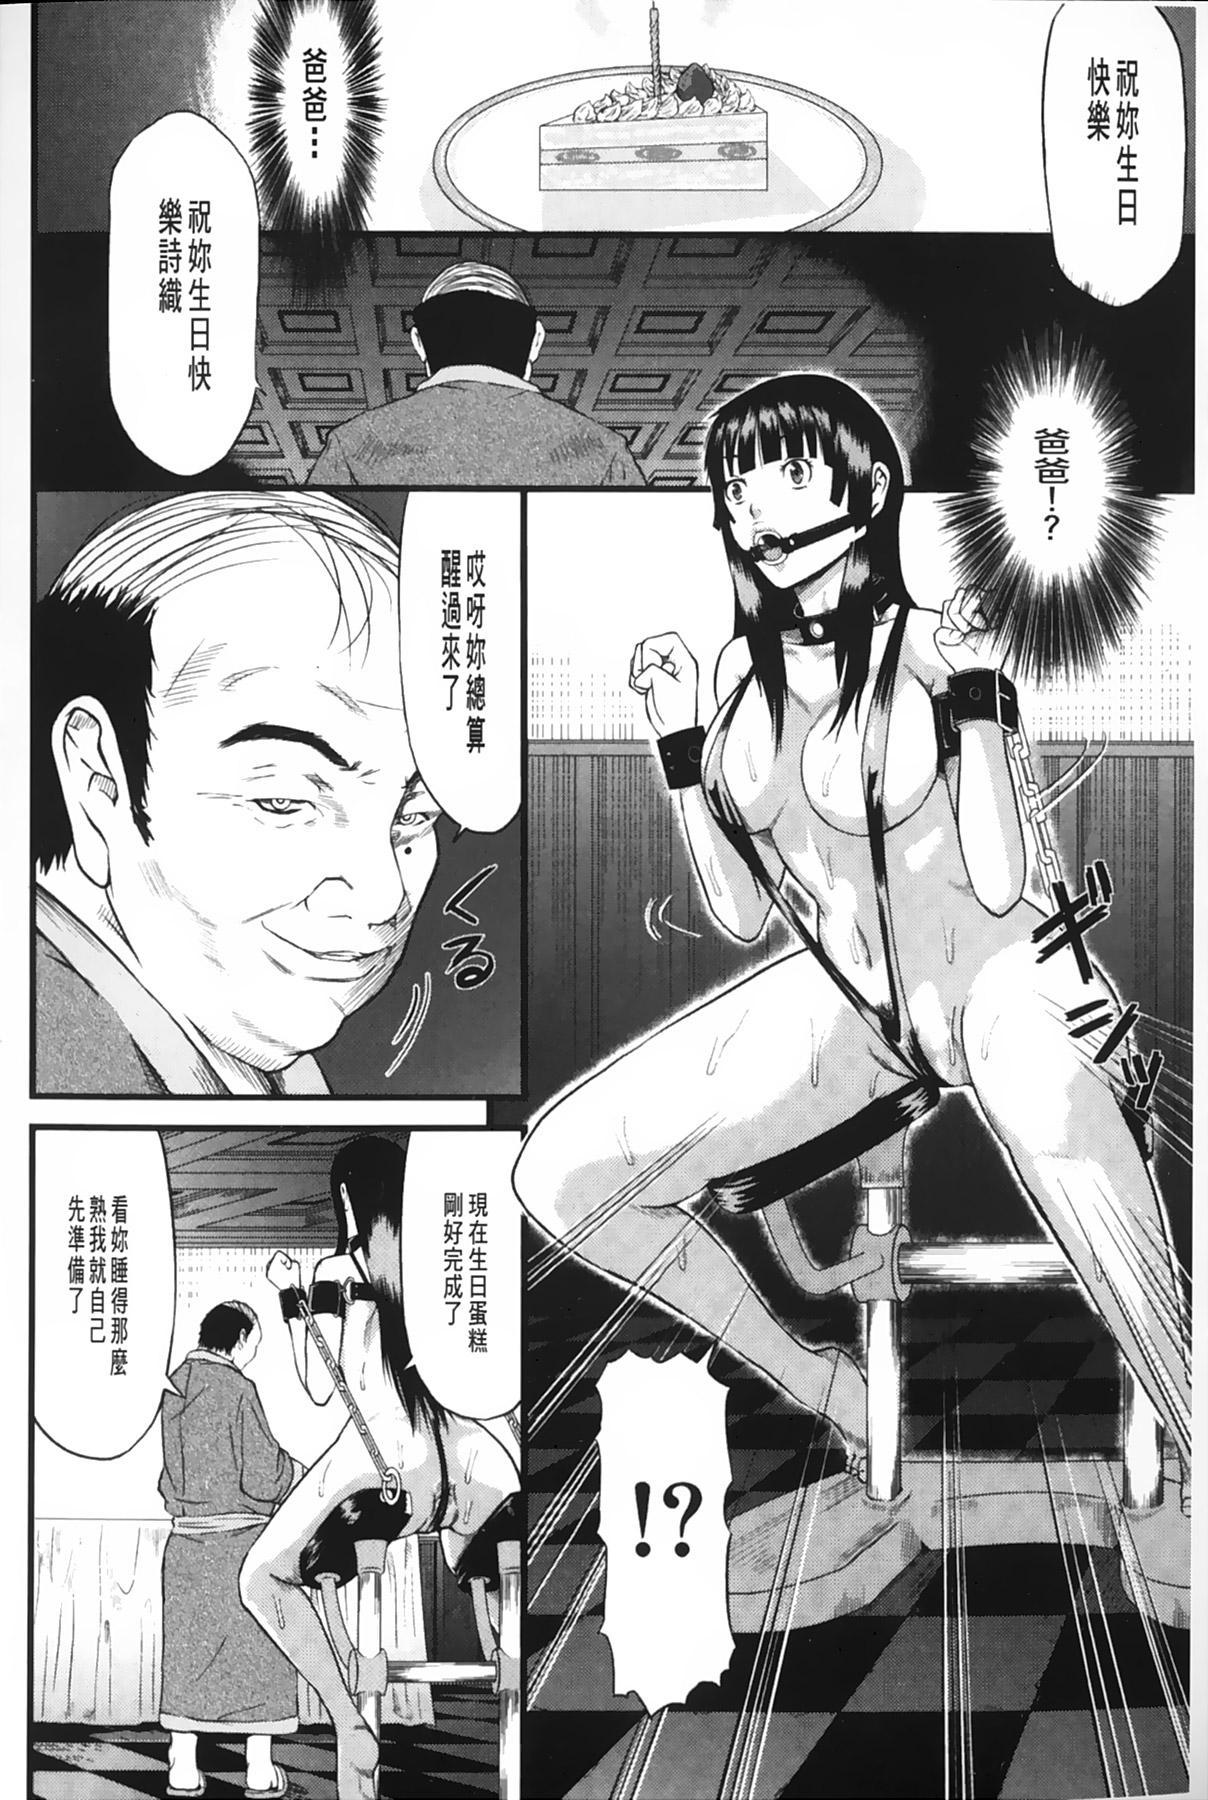 [Honebuto Danshaku] Onna Jigoku Niku no Tsubo~Hentai Rui Inran Ka Mesu Buta Ichidaiki~ | 女地獄、肉之壺 ~変態類淫乱科淫母豬一代記~ [Chinese] 206